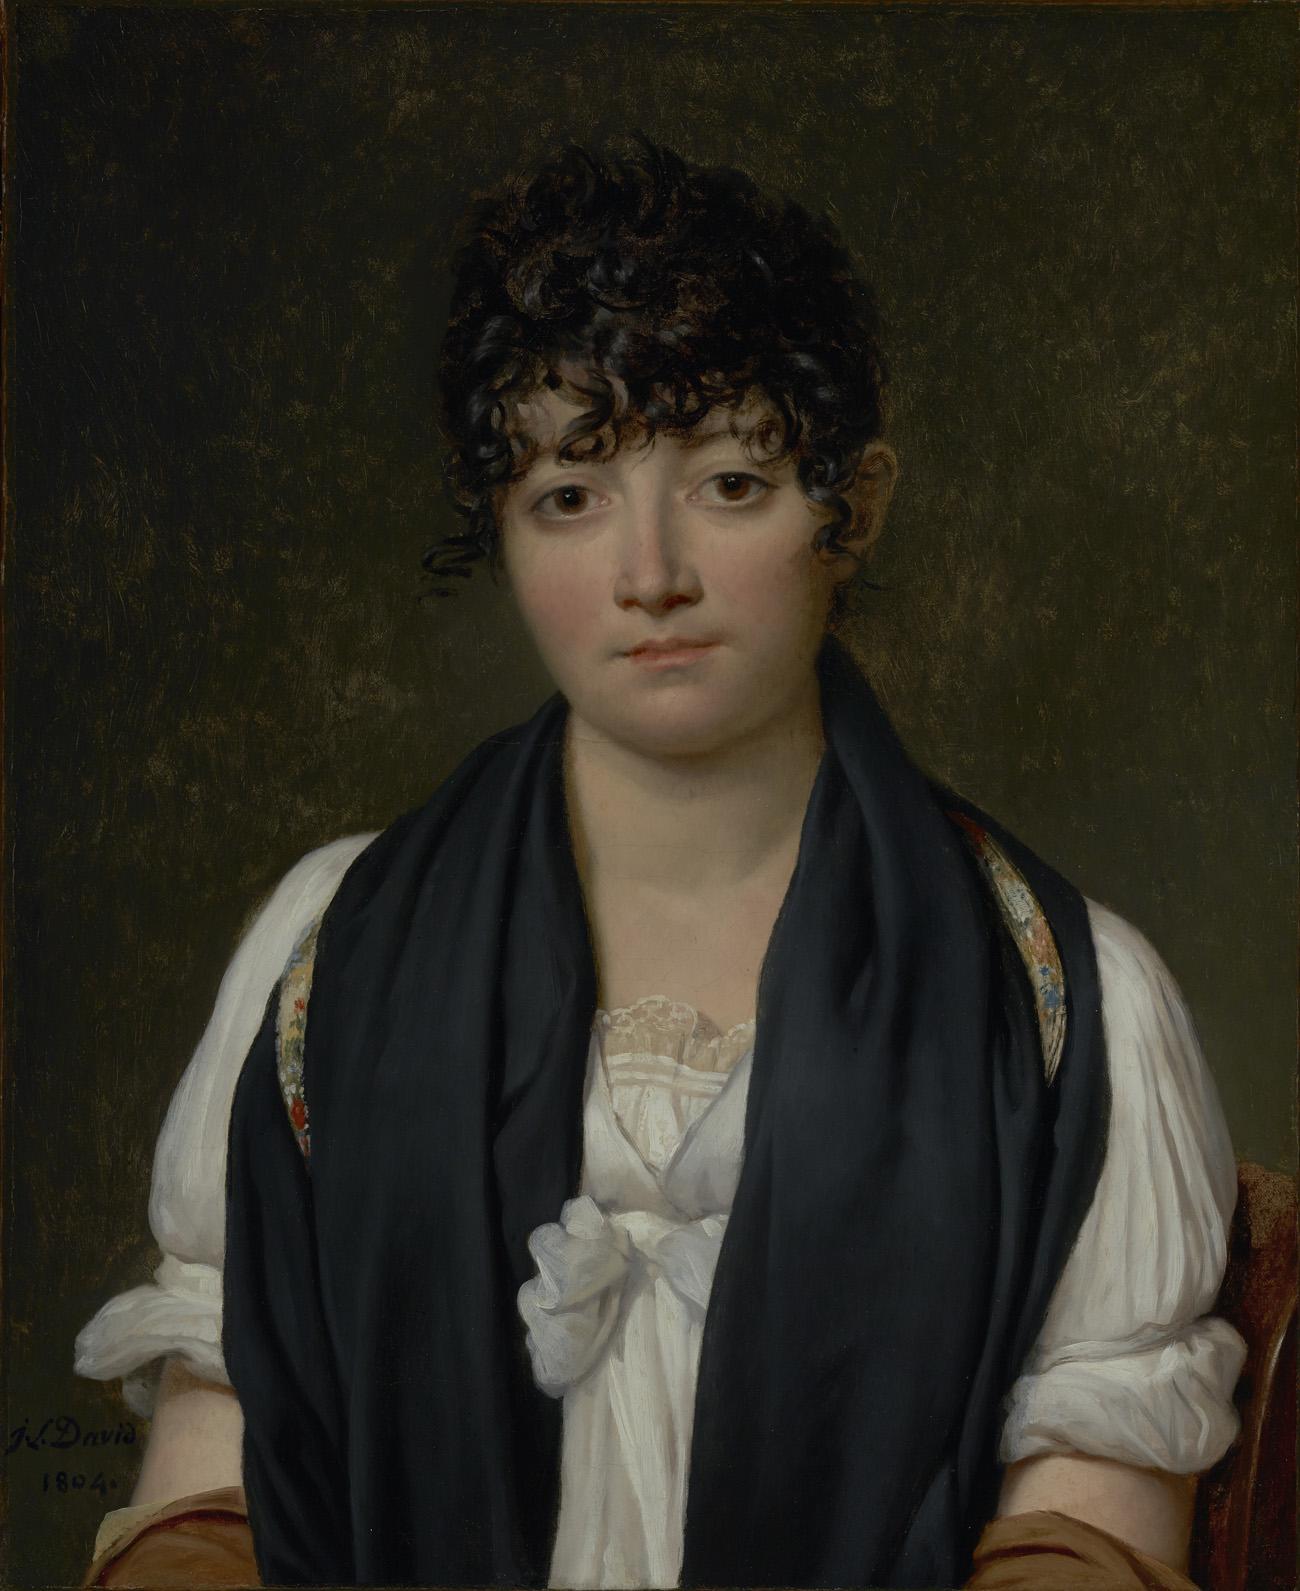 Suzanne Le Peletier de Saint-Fargeau / David